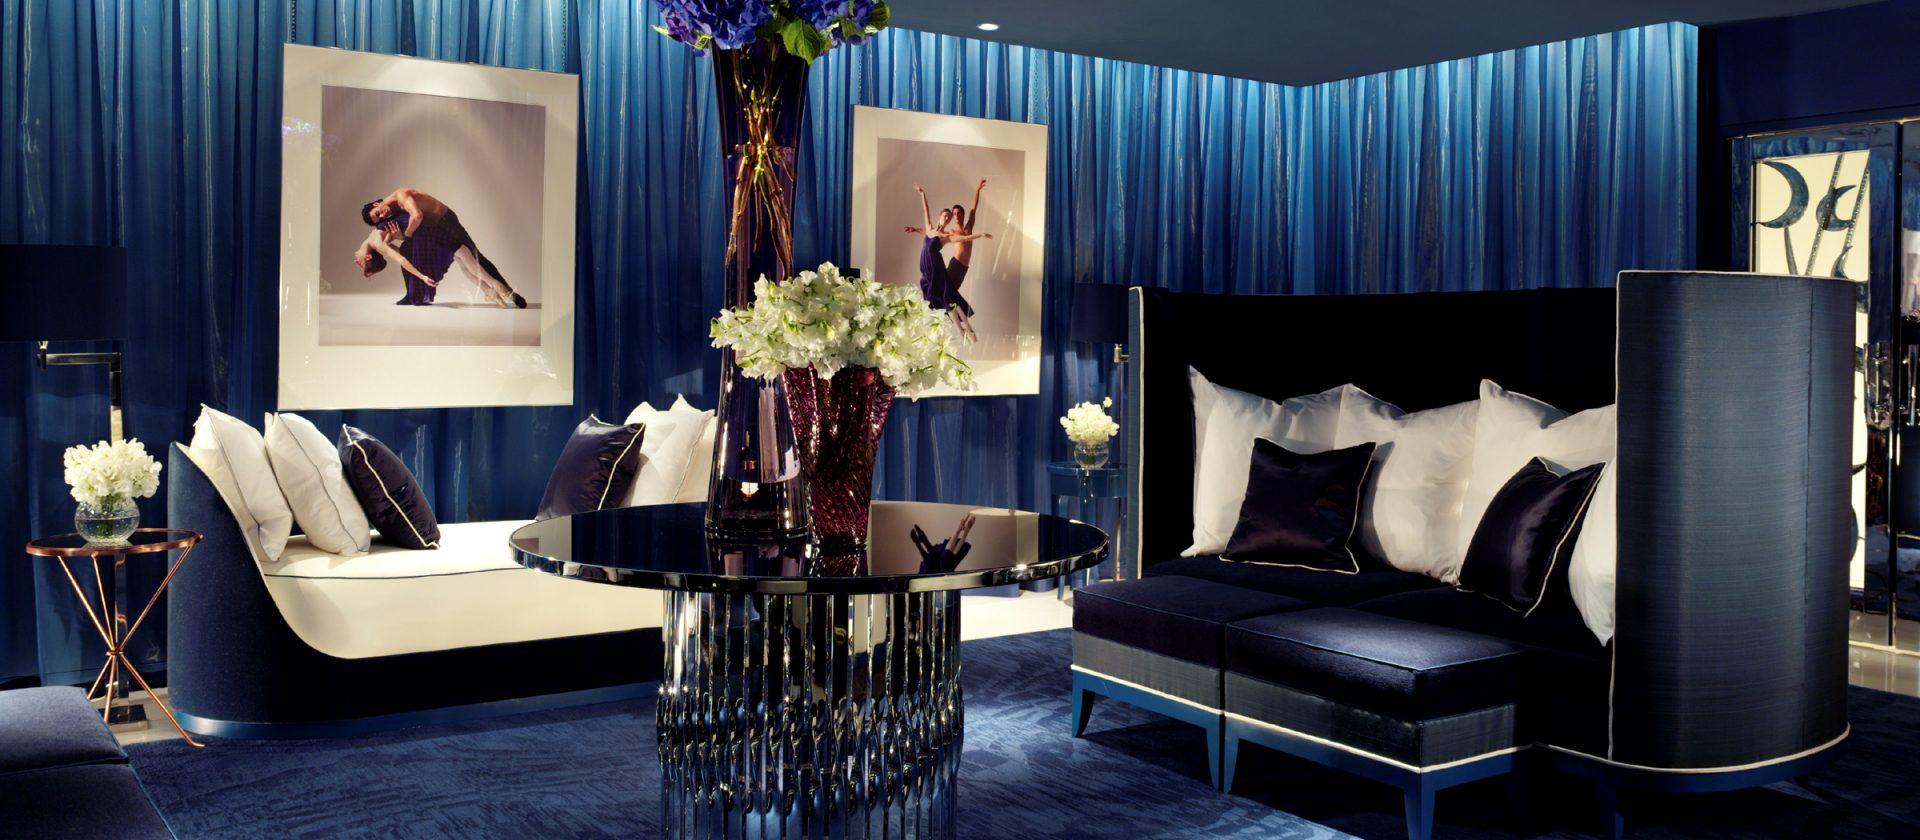 The Dorchester Spa - London, London W1K 1QA - 020 7319 7109 | ShowMeLocal.com